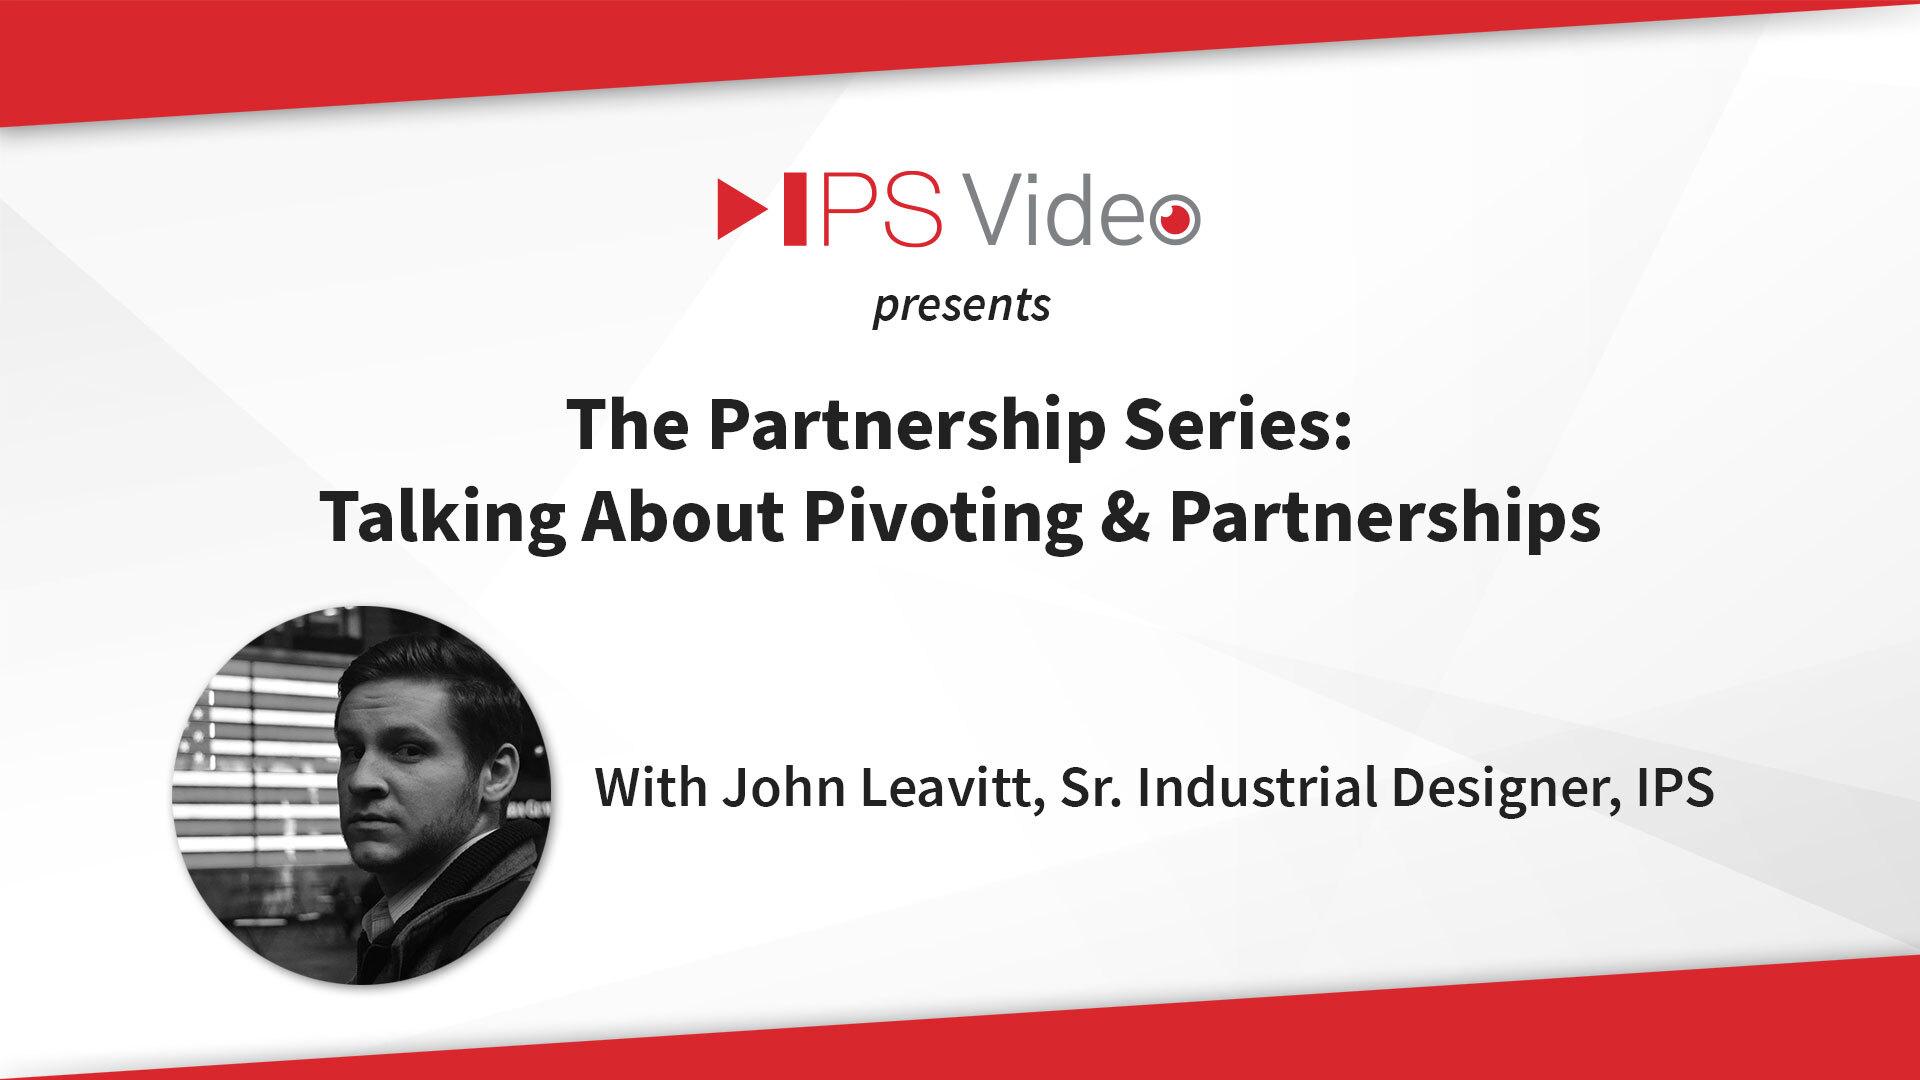 Product Design Partners with John Leavitt, IPS Sr. Industrial Designer